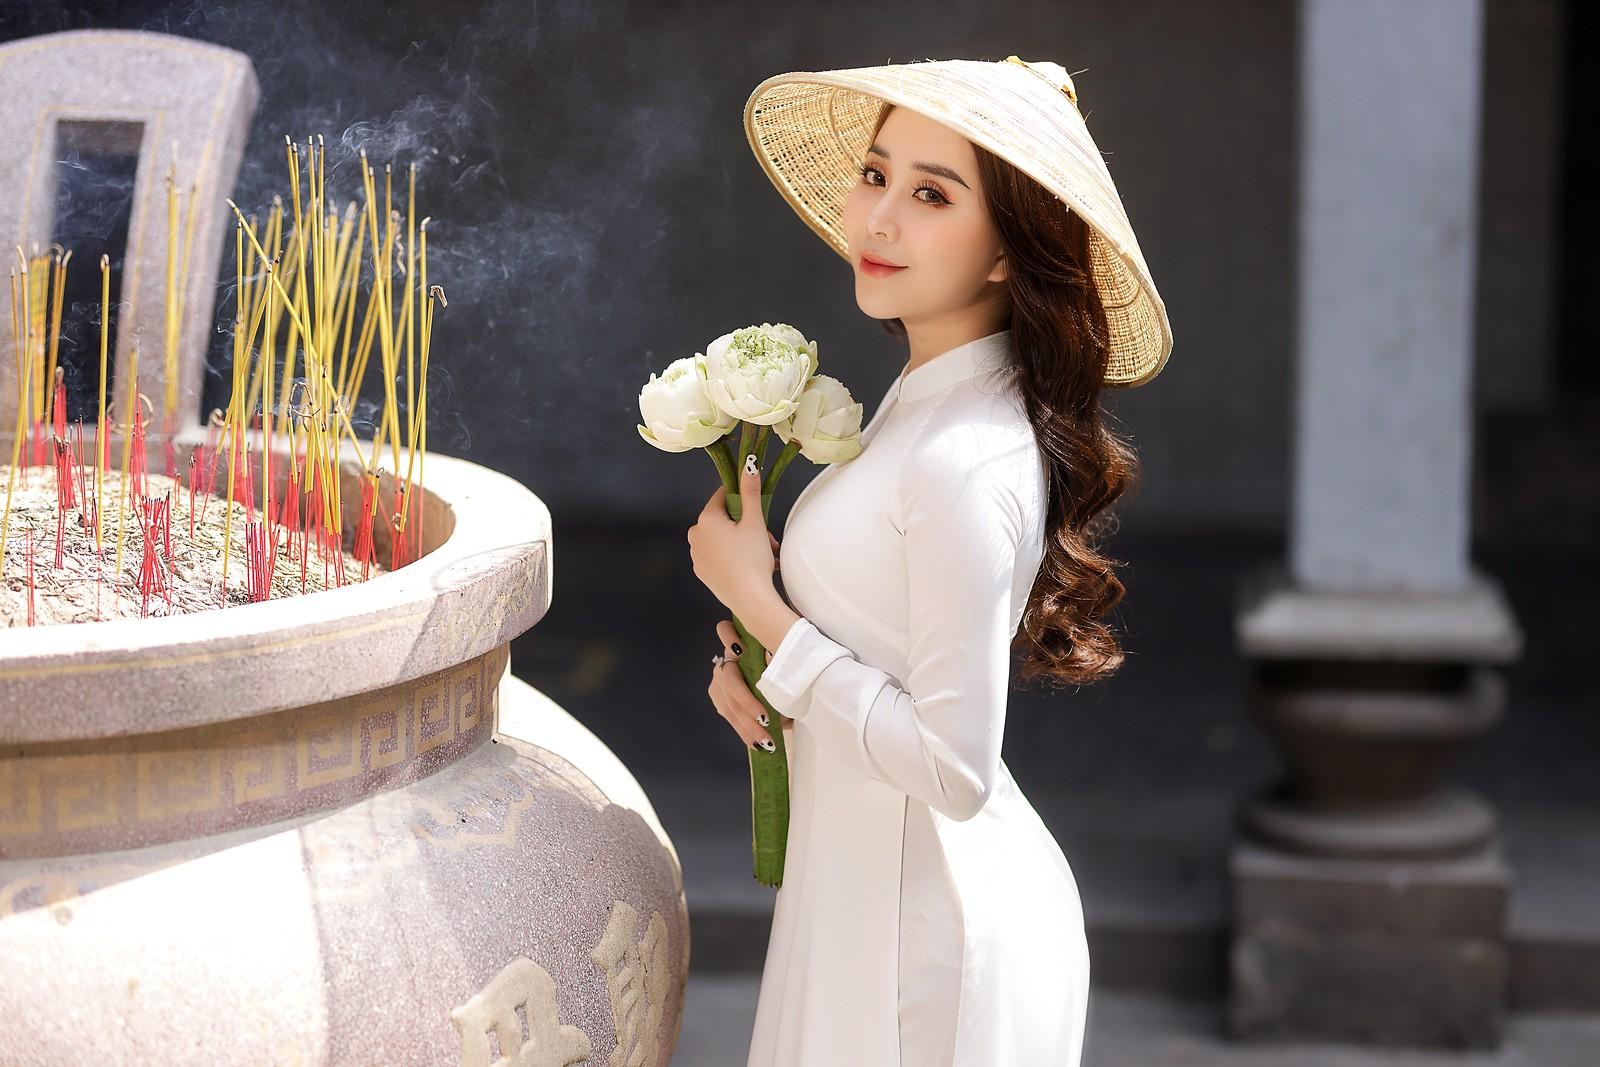 Ngắm hot girl Lục Anh xinh đẹp như hoa không sao tả xiết trong tà áo dài truyền thống - 14